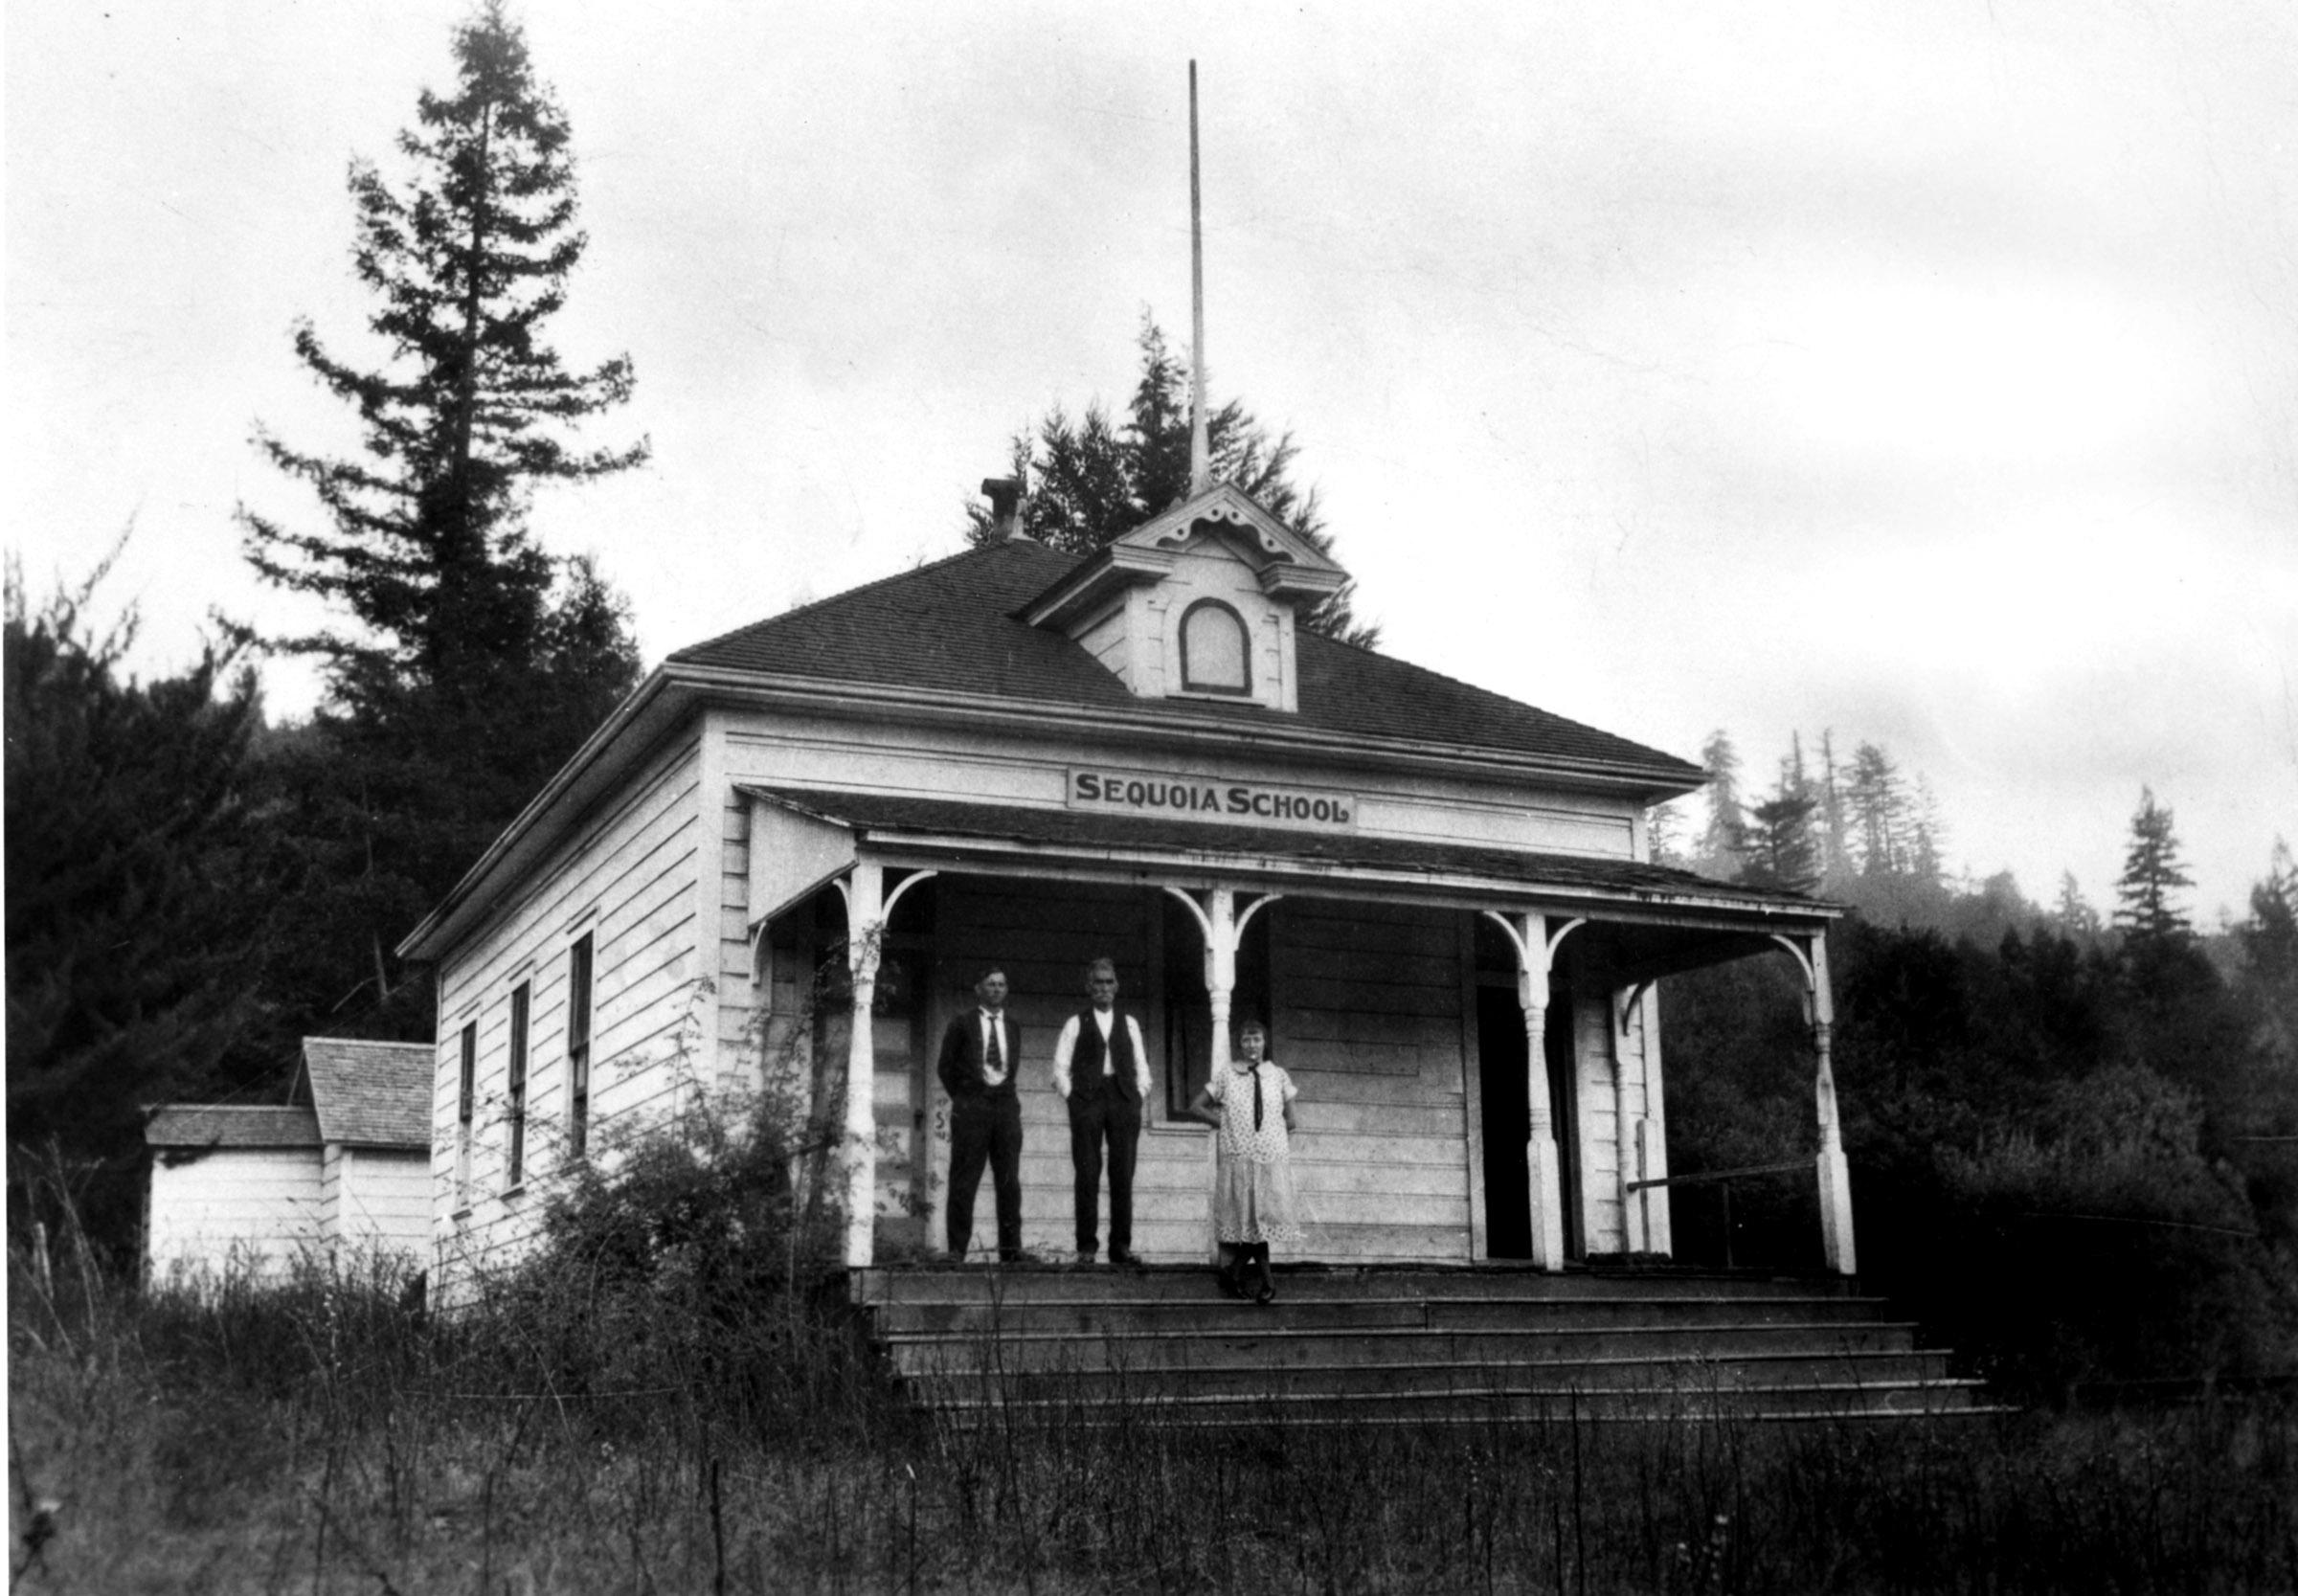 Sequoia School House